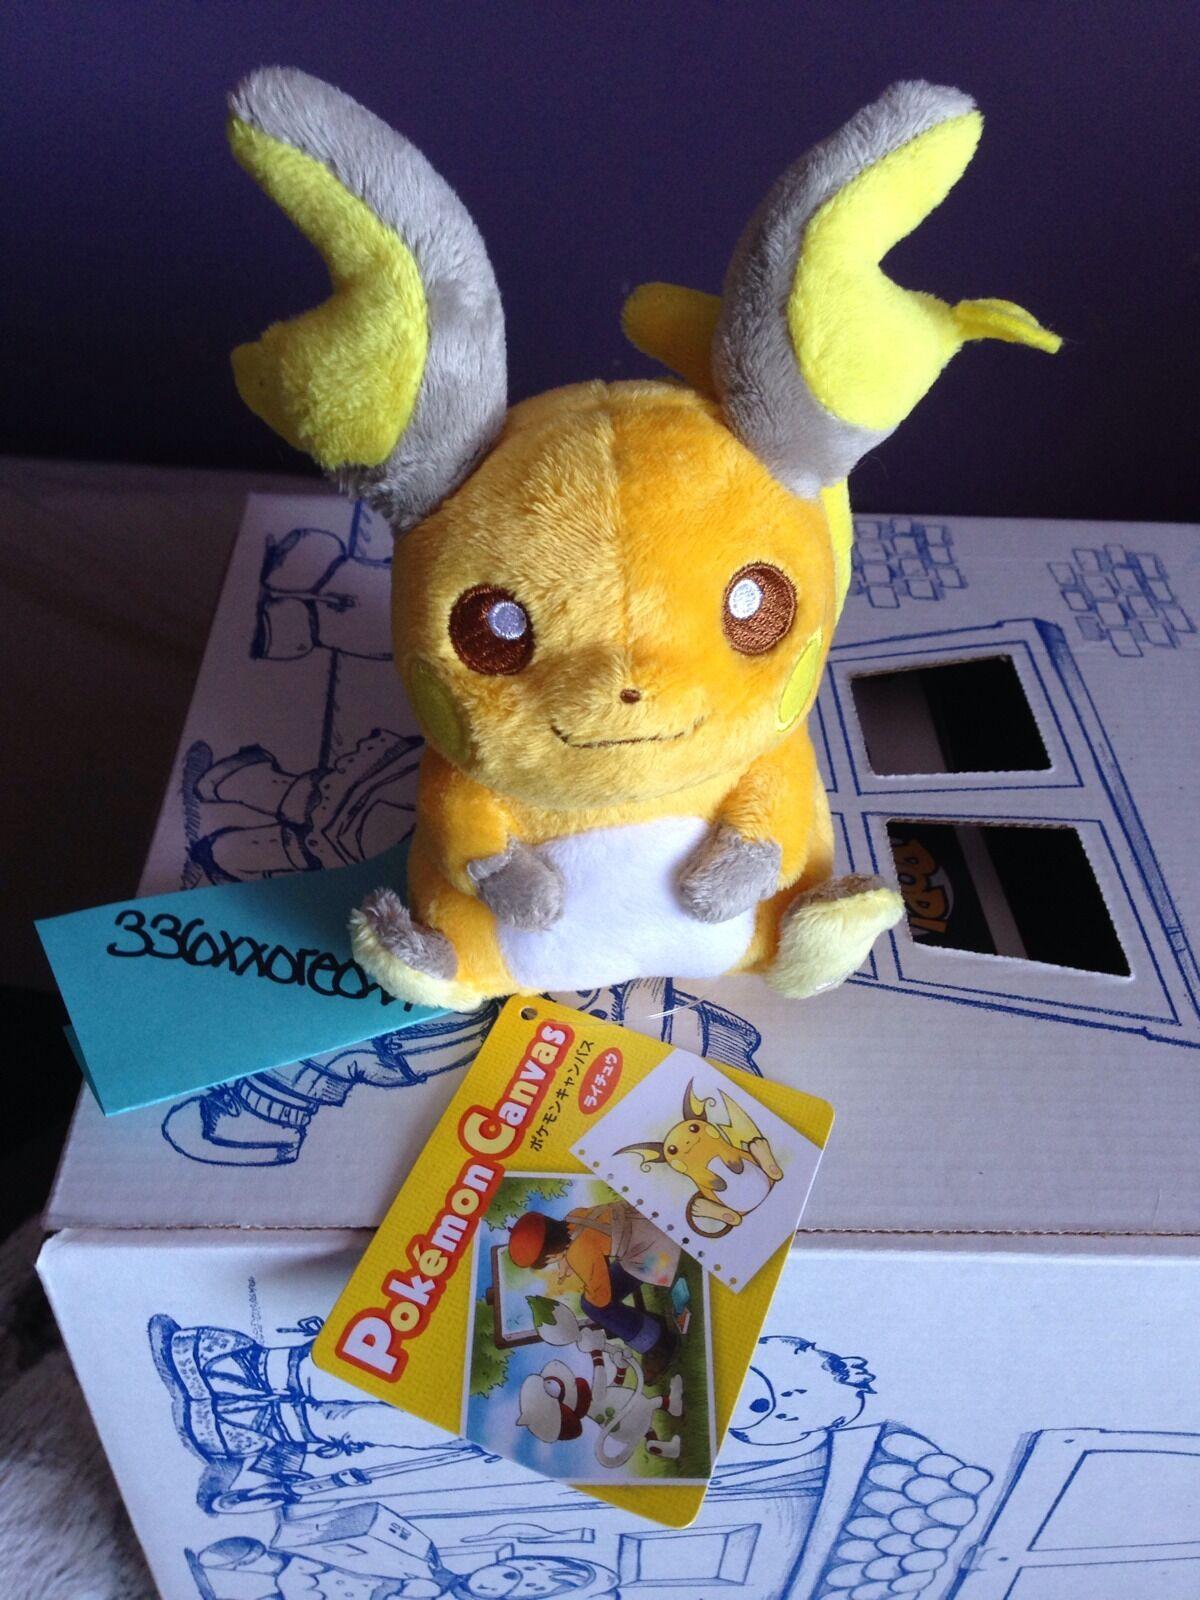 Collectors Raichu Pokemon Canvas Plush 2010